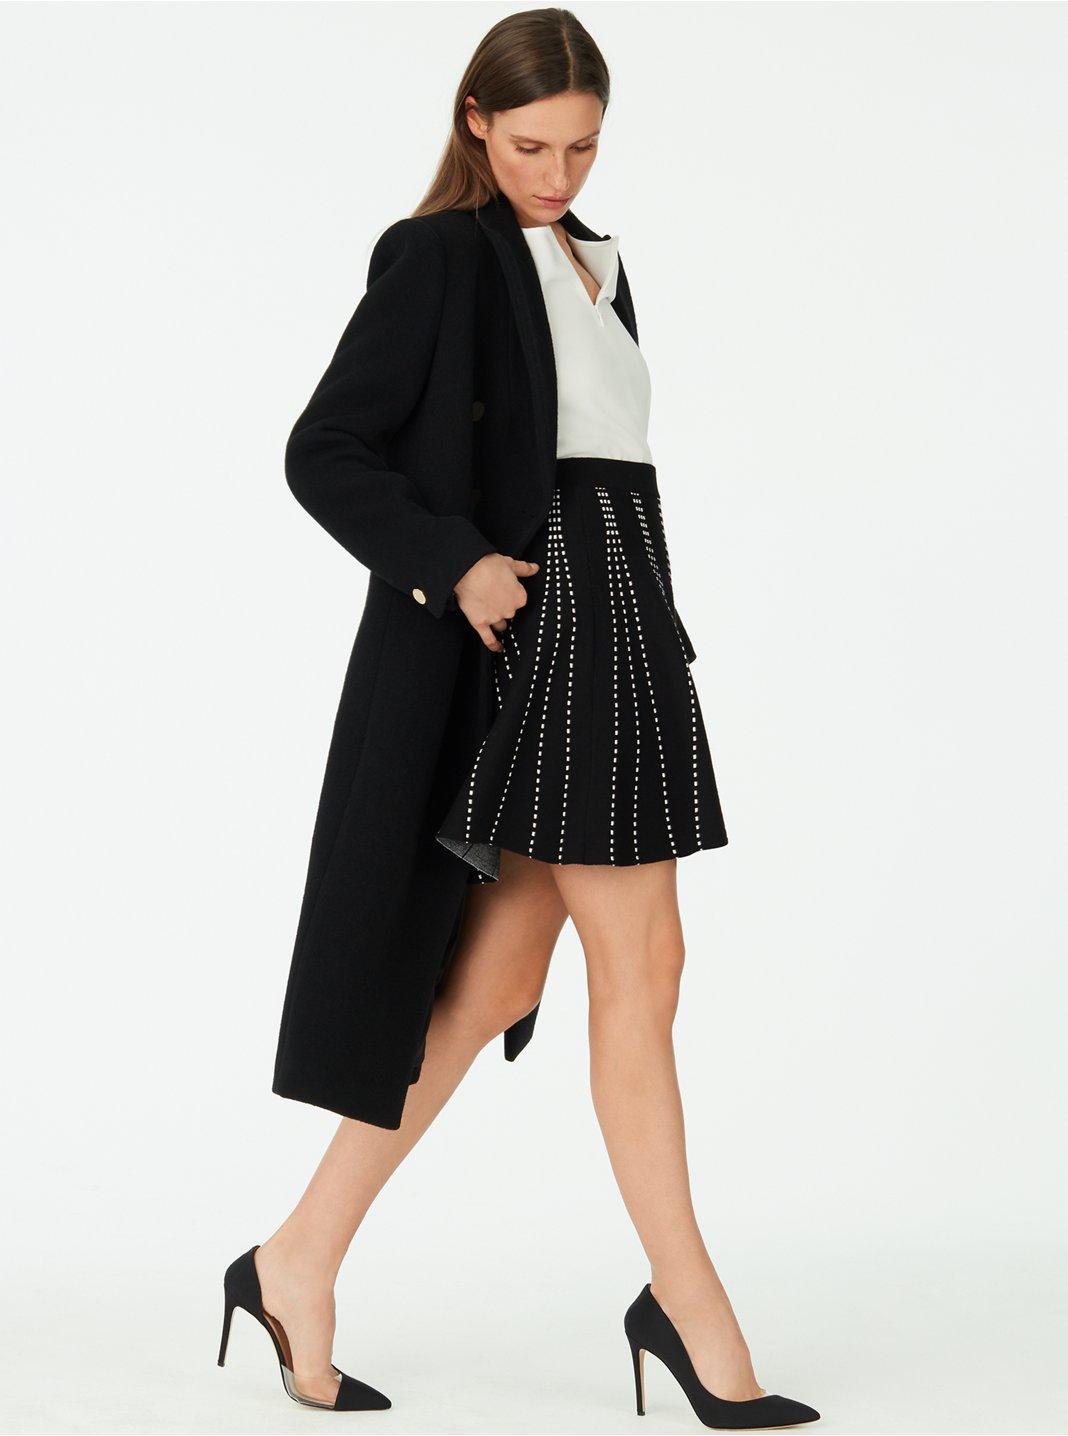 Plunetta Skirt